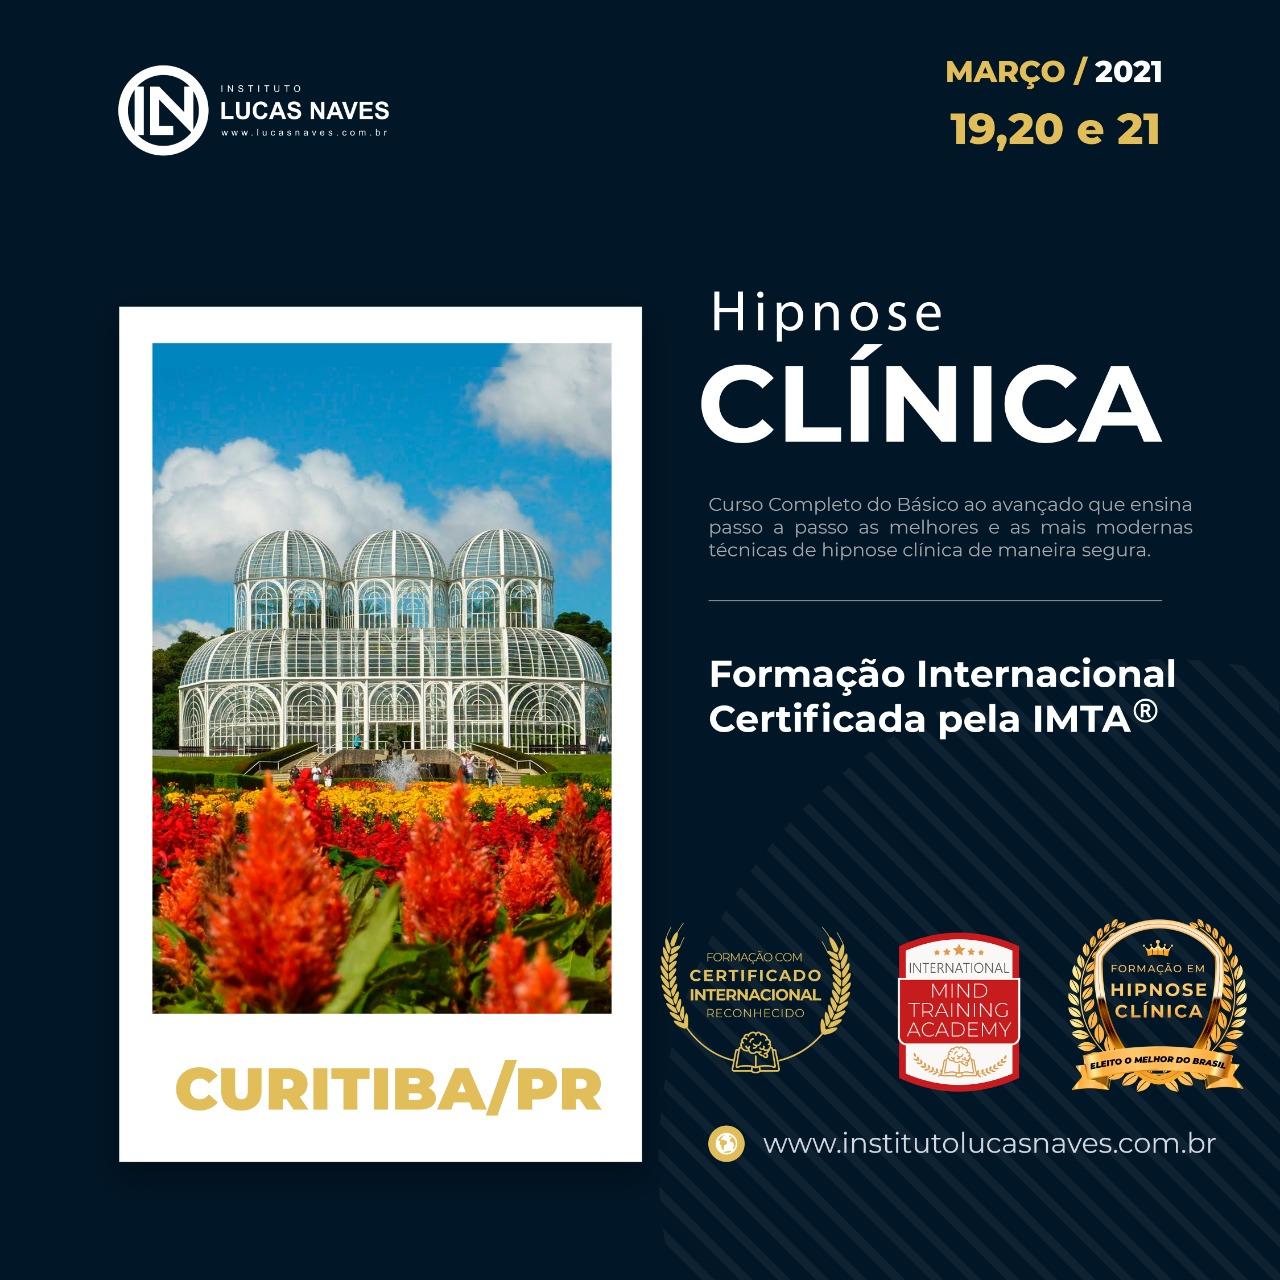 Formação Internacional em Hipnose Clínica / Curitiba